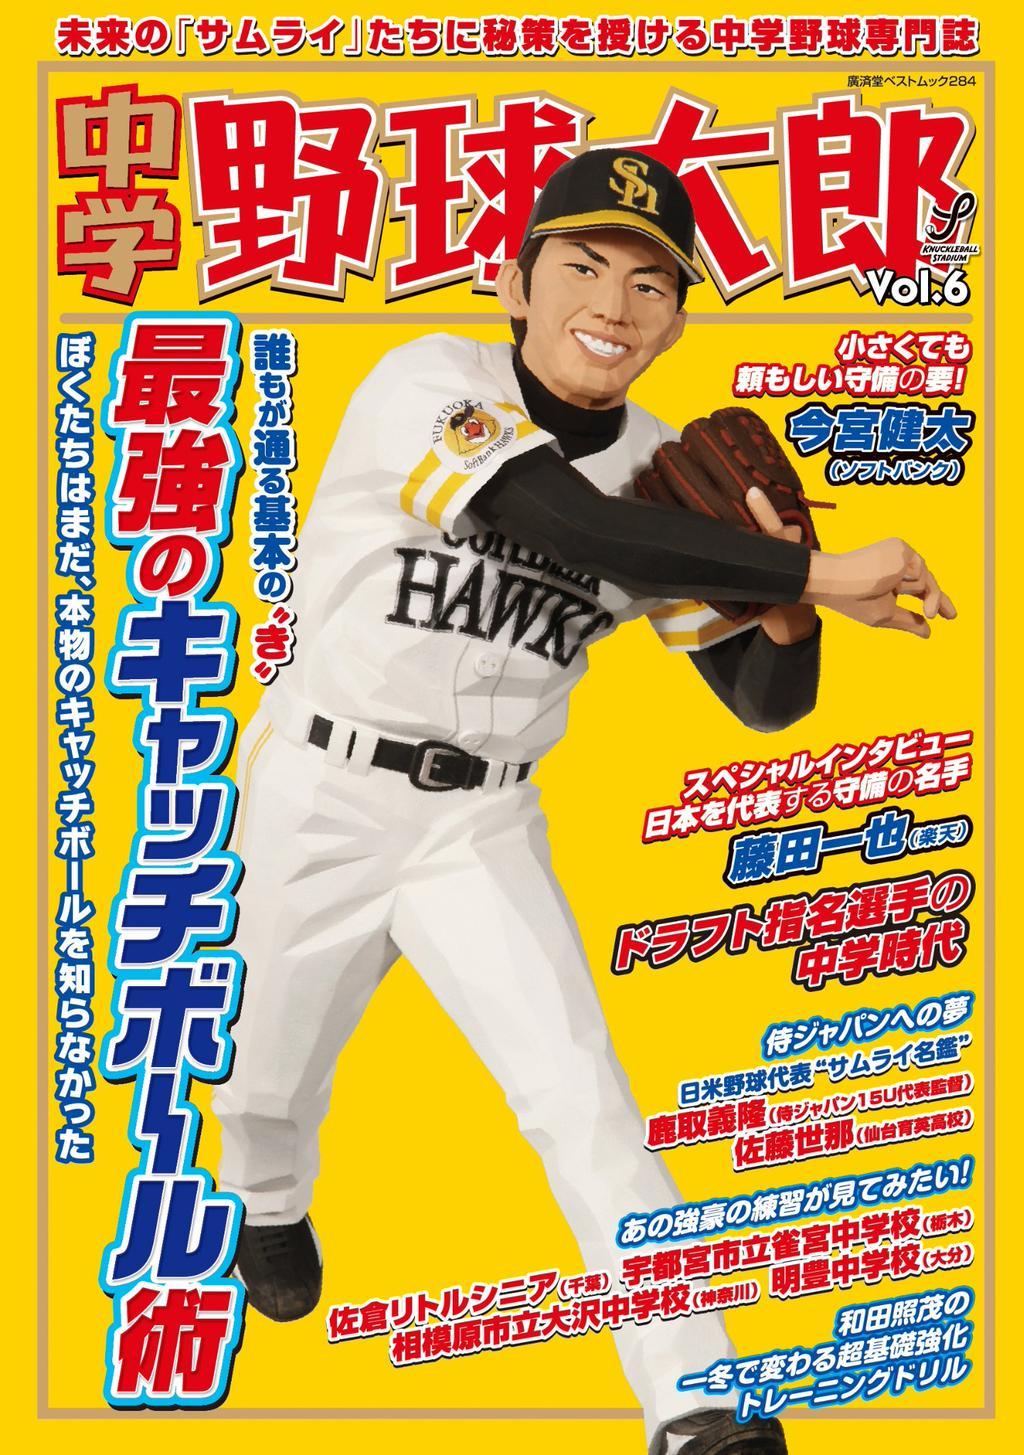 中学野球太郎vol.06 「最強のキャッチボール術」は12月19日(金)に発売!